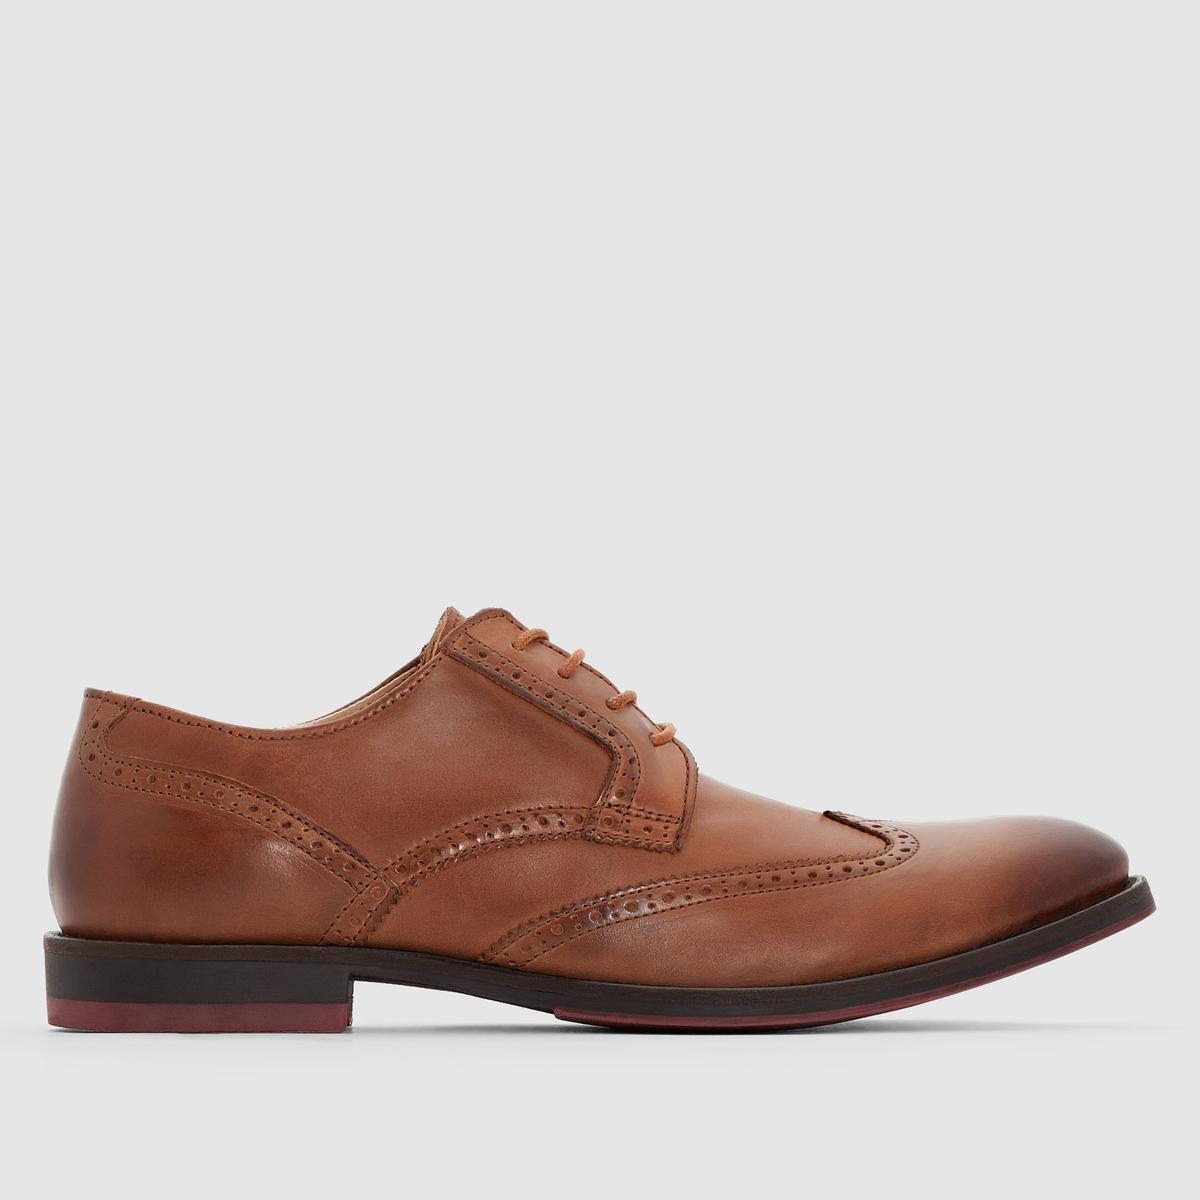 Ботинки-дерби кожаные на шнуровке